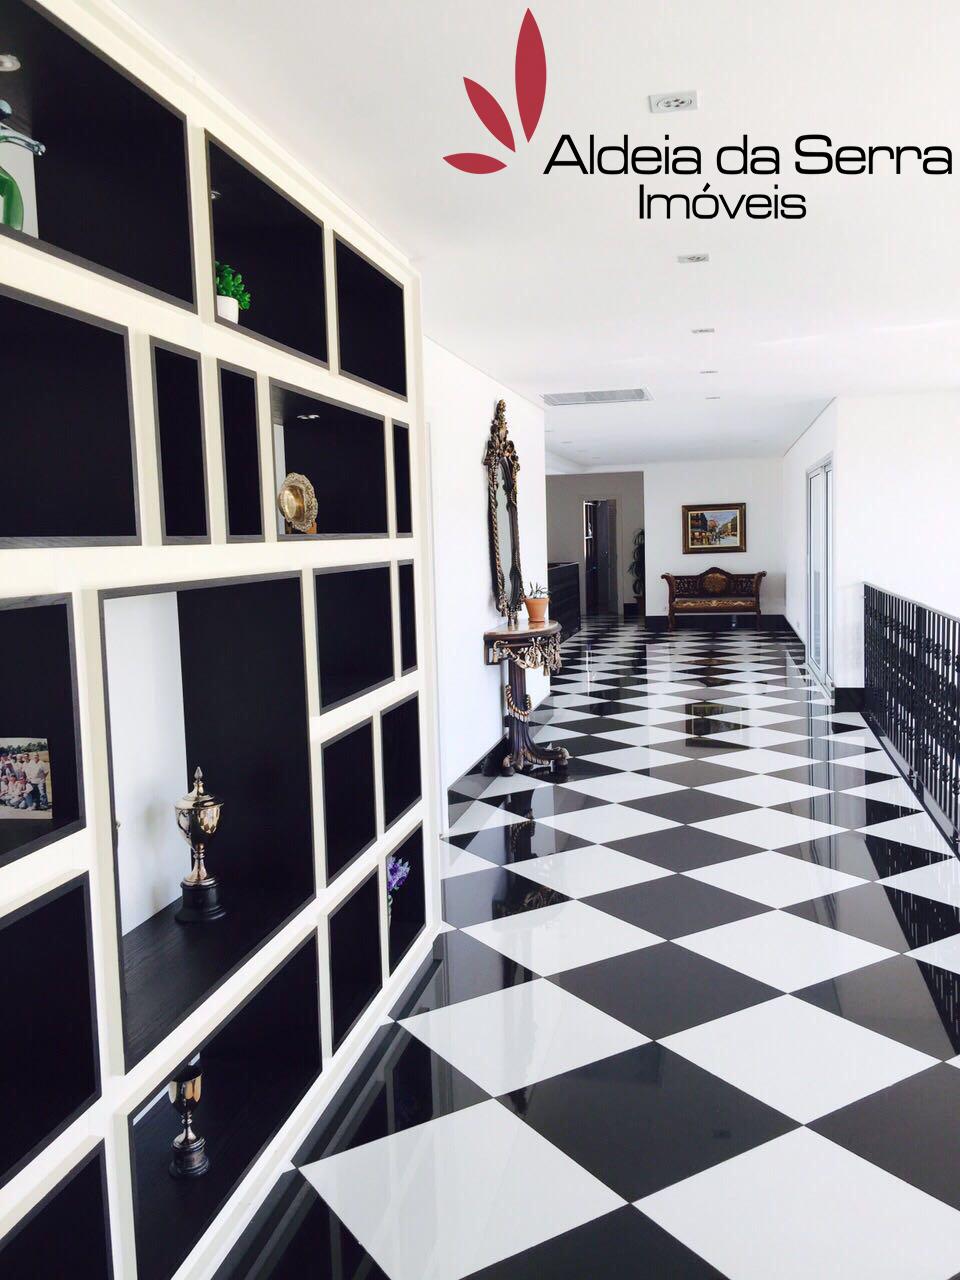 /admin/imoveis/fotos/IMG-20170710-WA0071.jpg Aldeia da Serra Imoveis